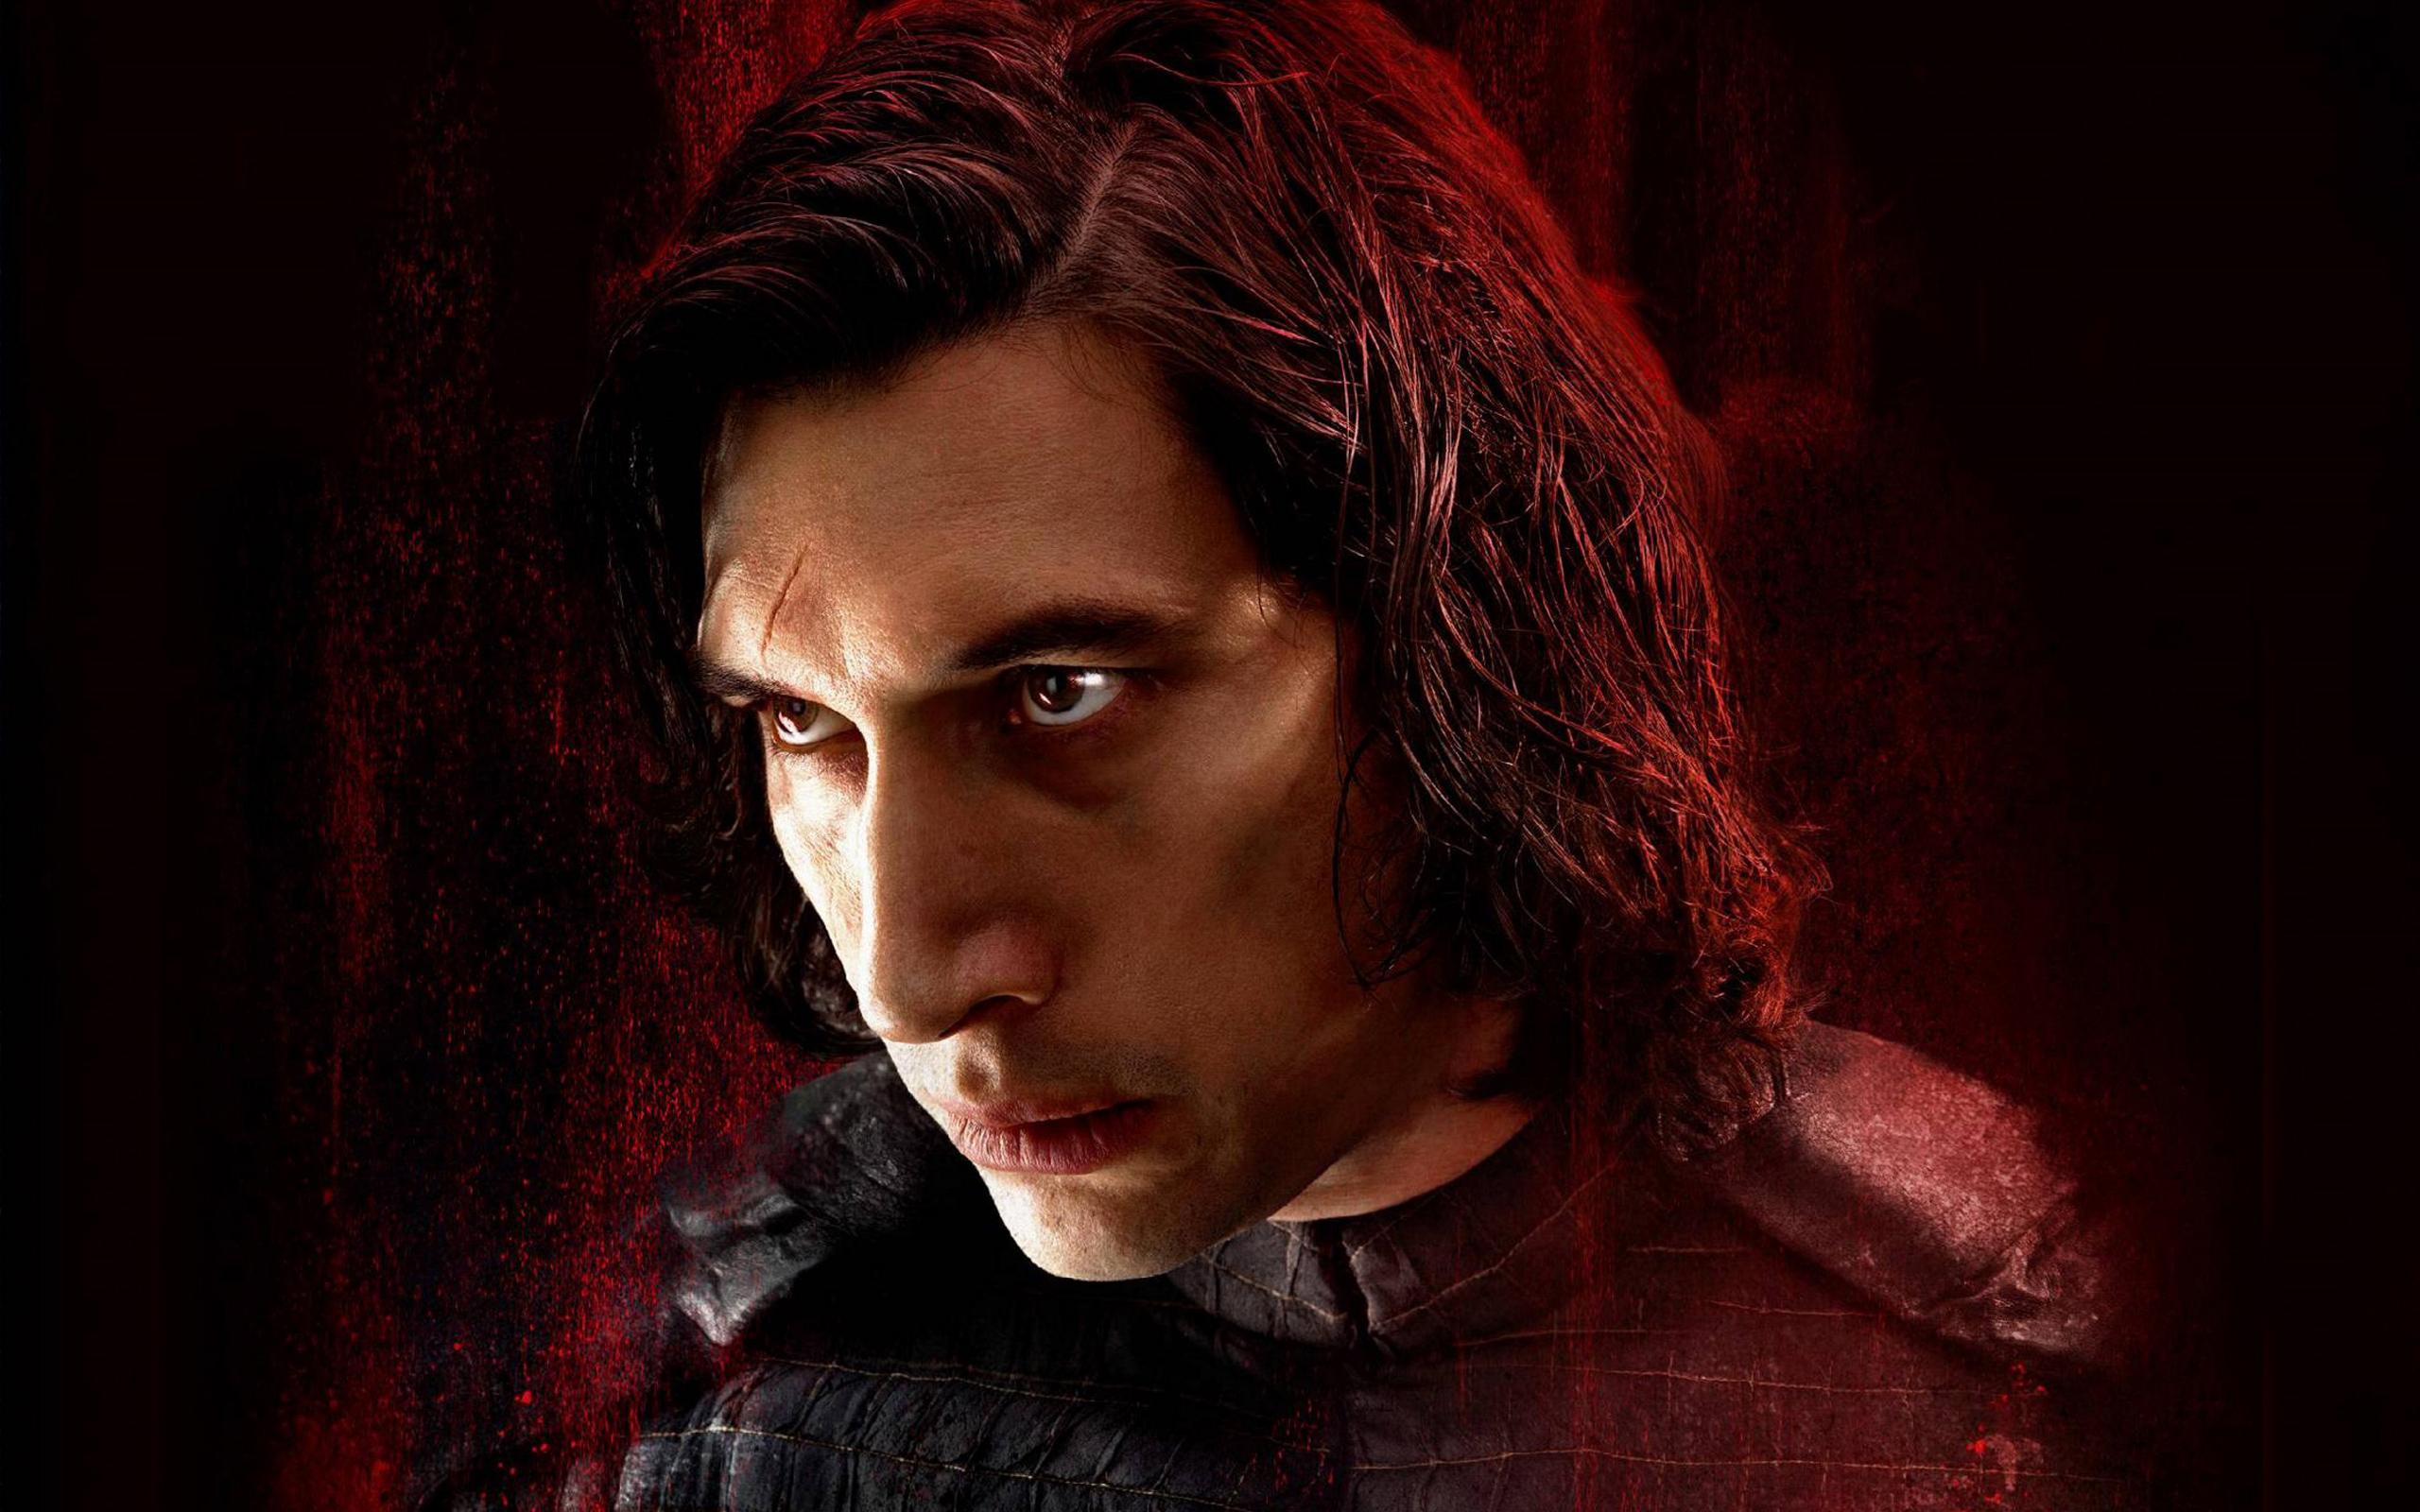 Wallpaper 4k Adam Driver As Kylo Ren In Star Wars The Last Jedi